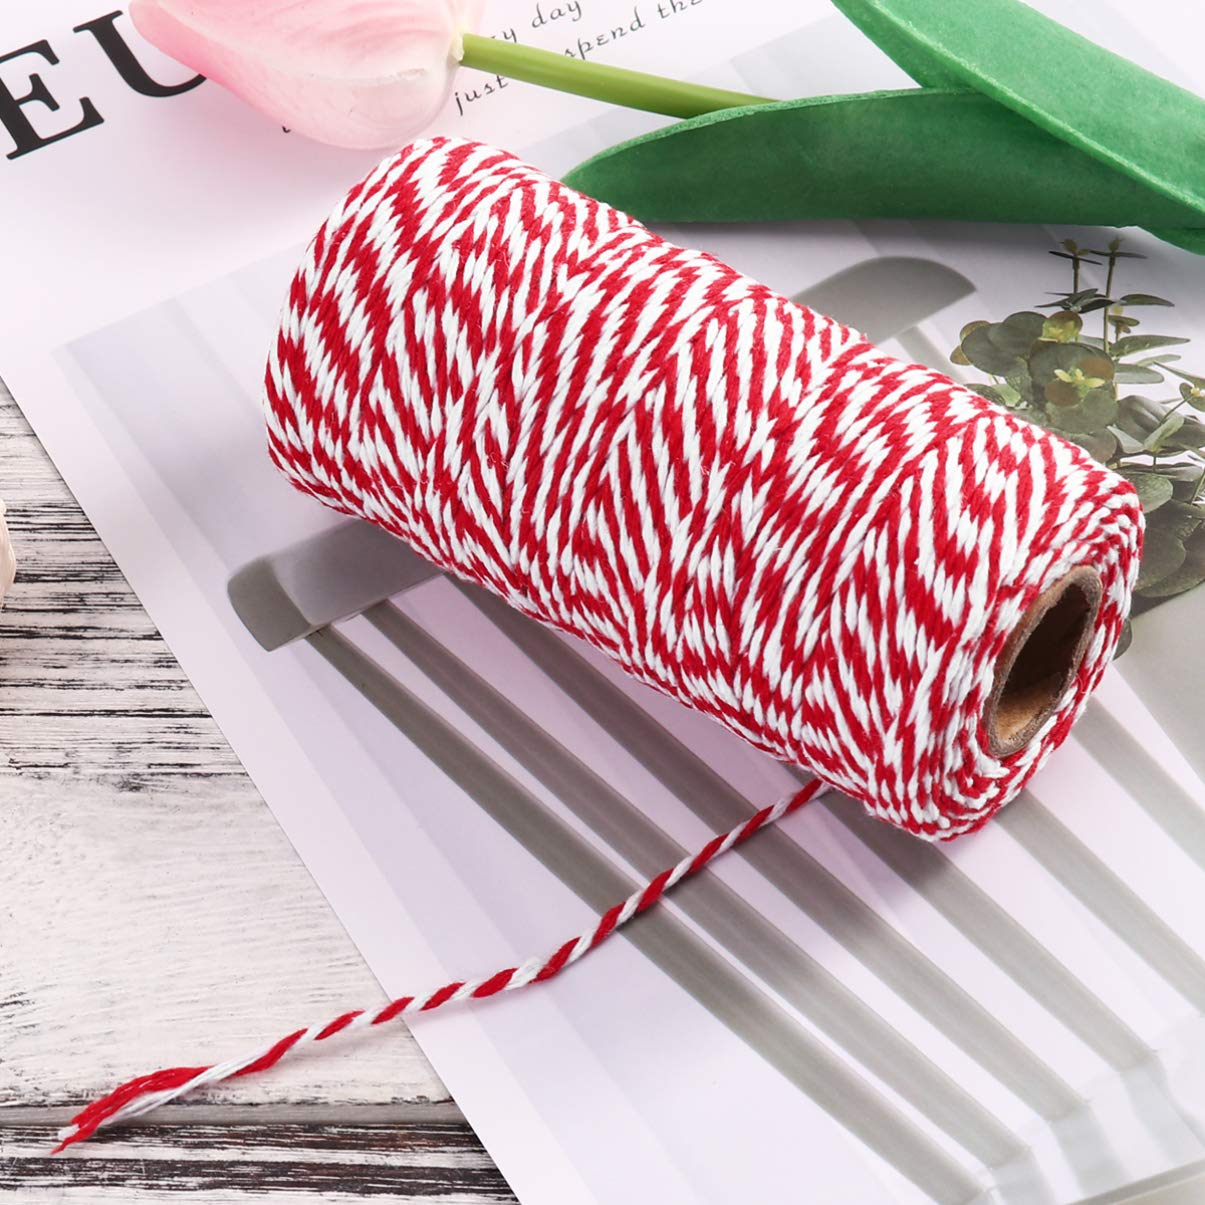 Artibetter 1 rotolo di spago per panettieri in cotone spago regalo di Natale decorativo per cottura al forno macellai artigianato e confezione regalo 100m rosso e bianco